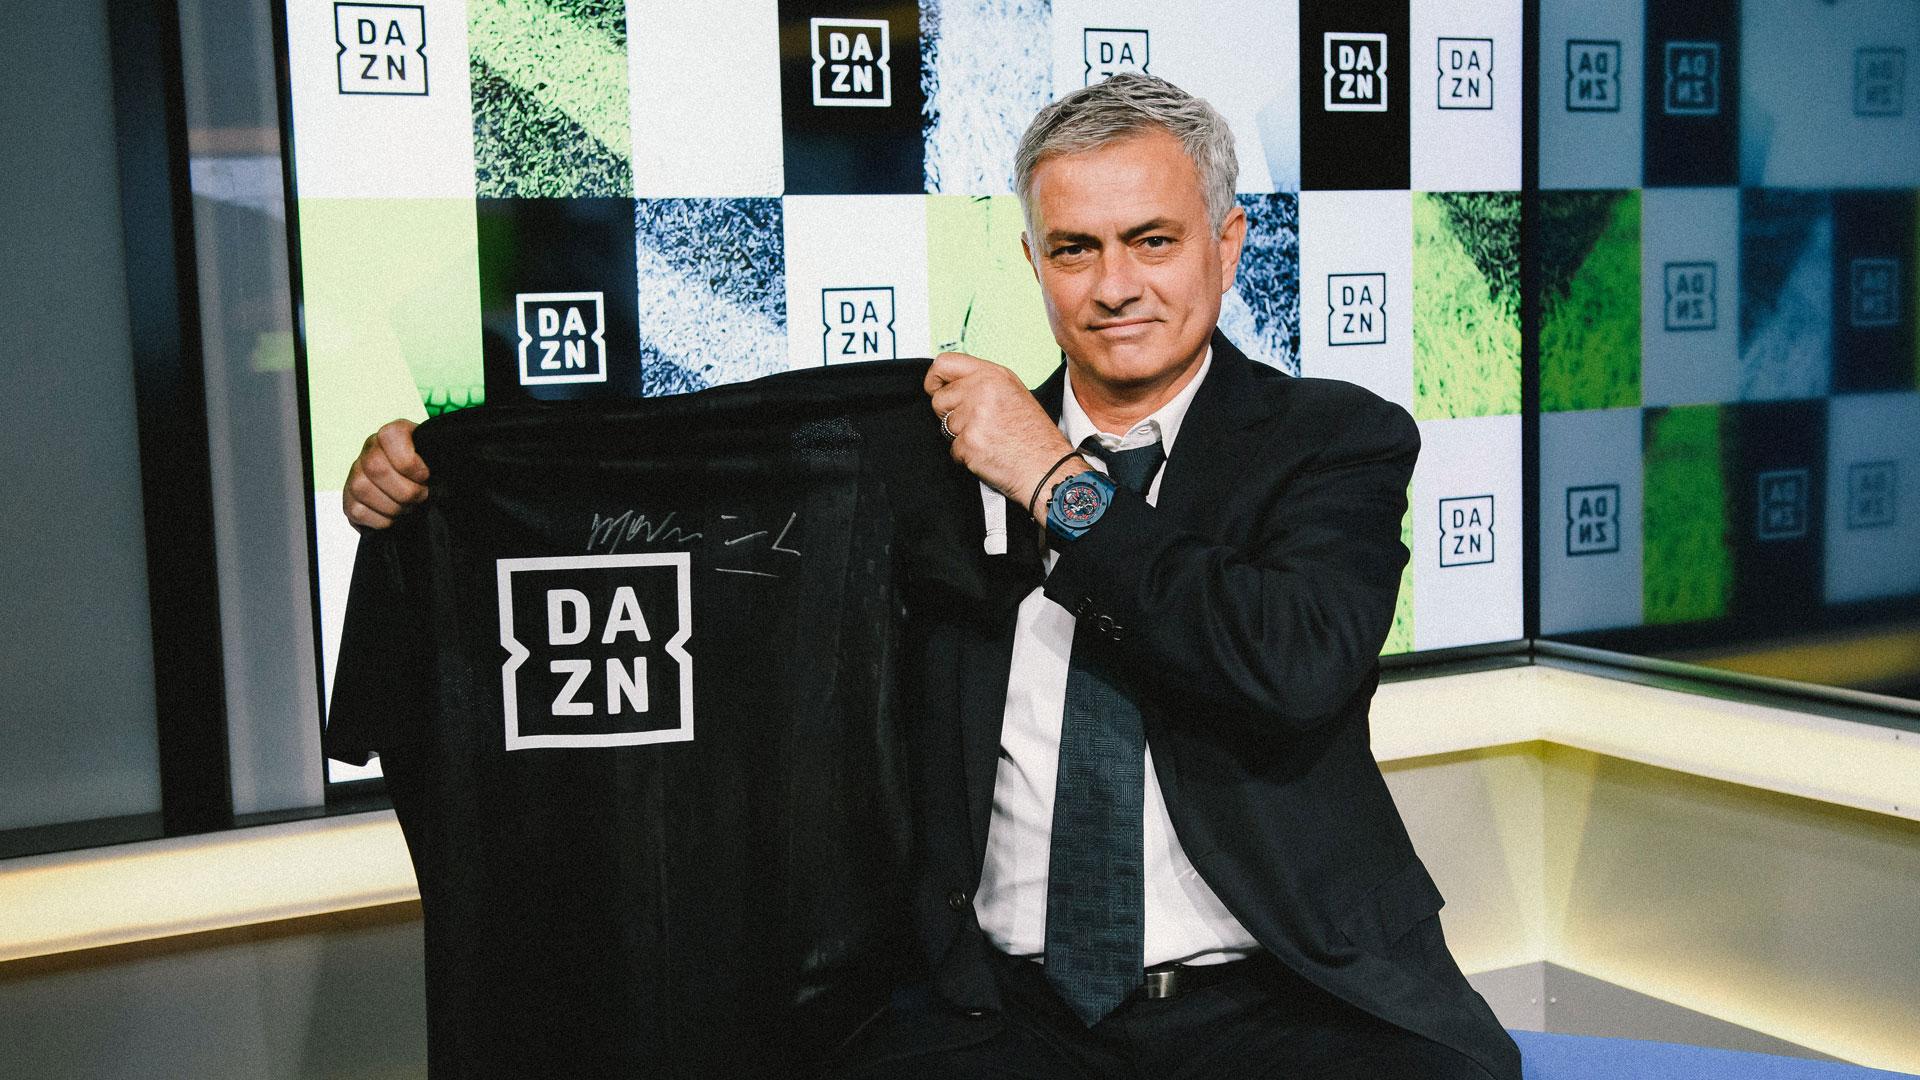 DAZN Jose Mourinho